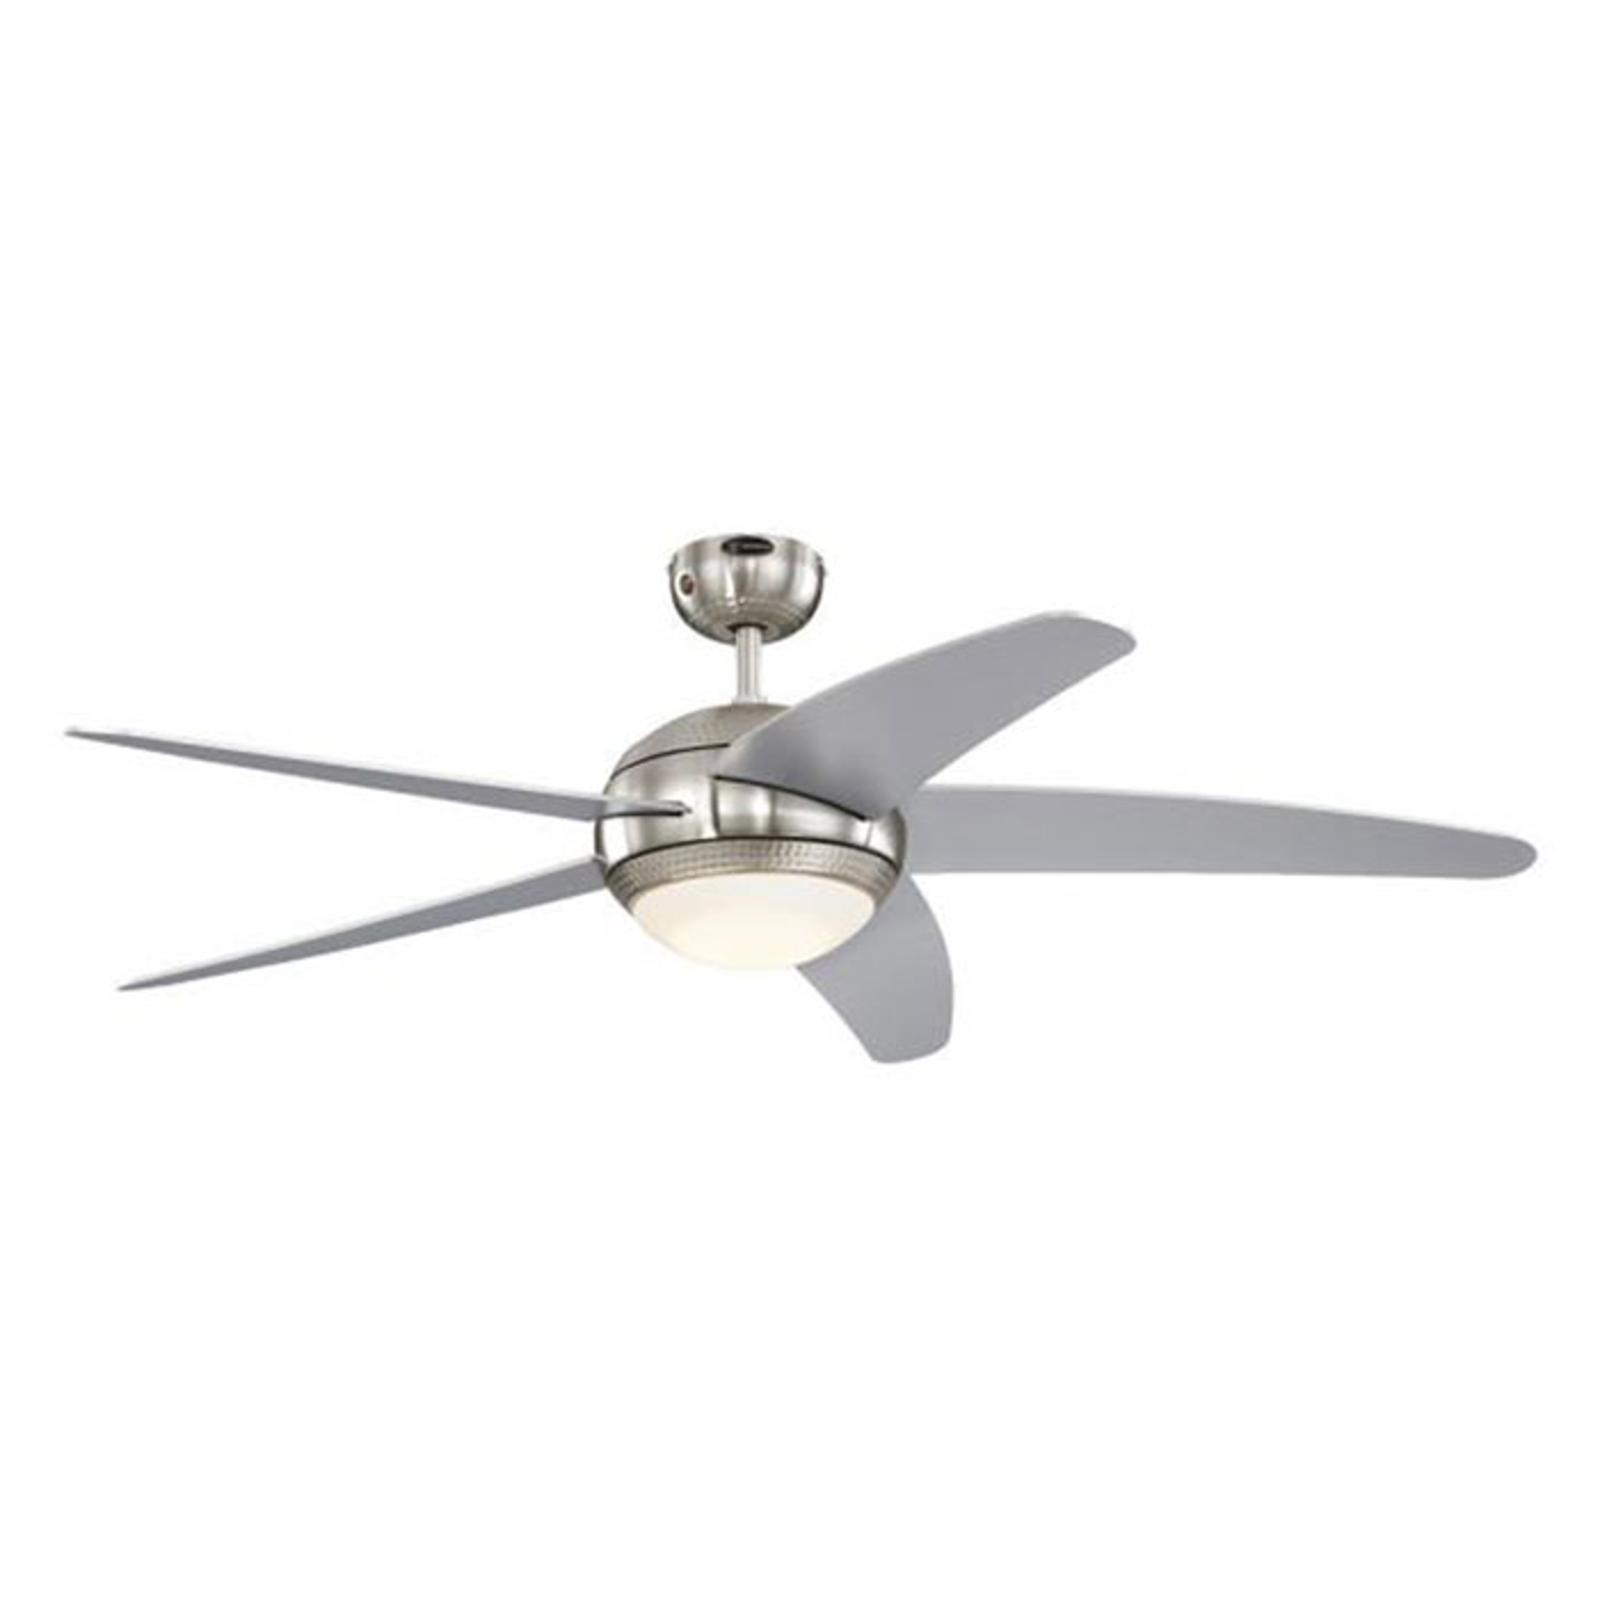 Sølvfarvet vinge - loftventilatoren Bendan LED